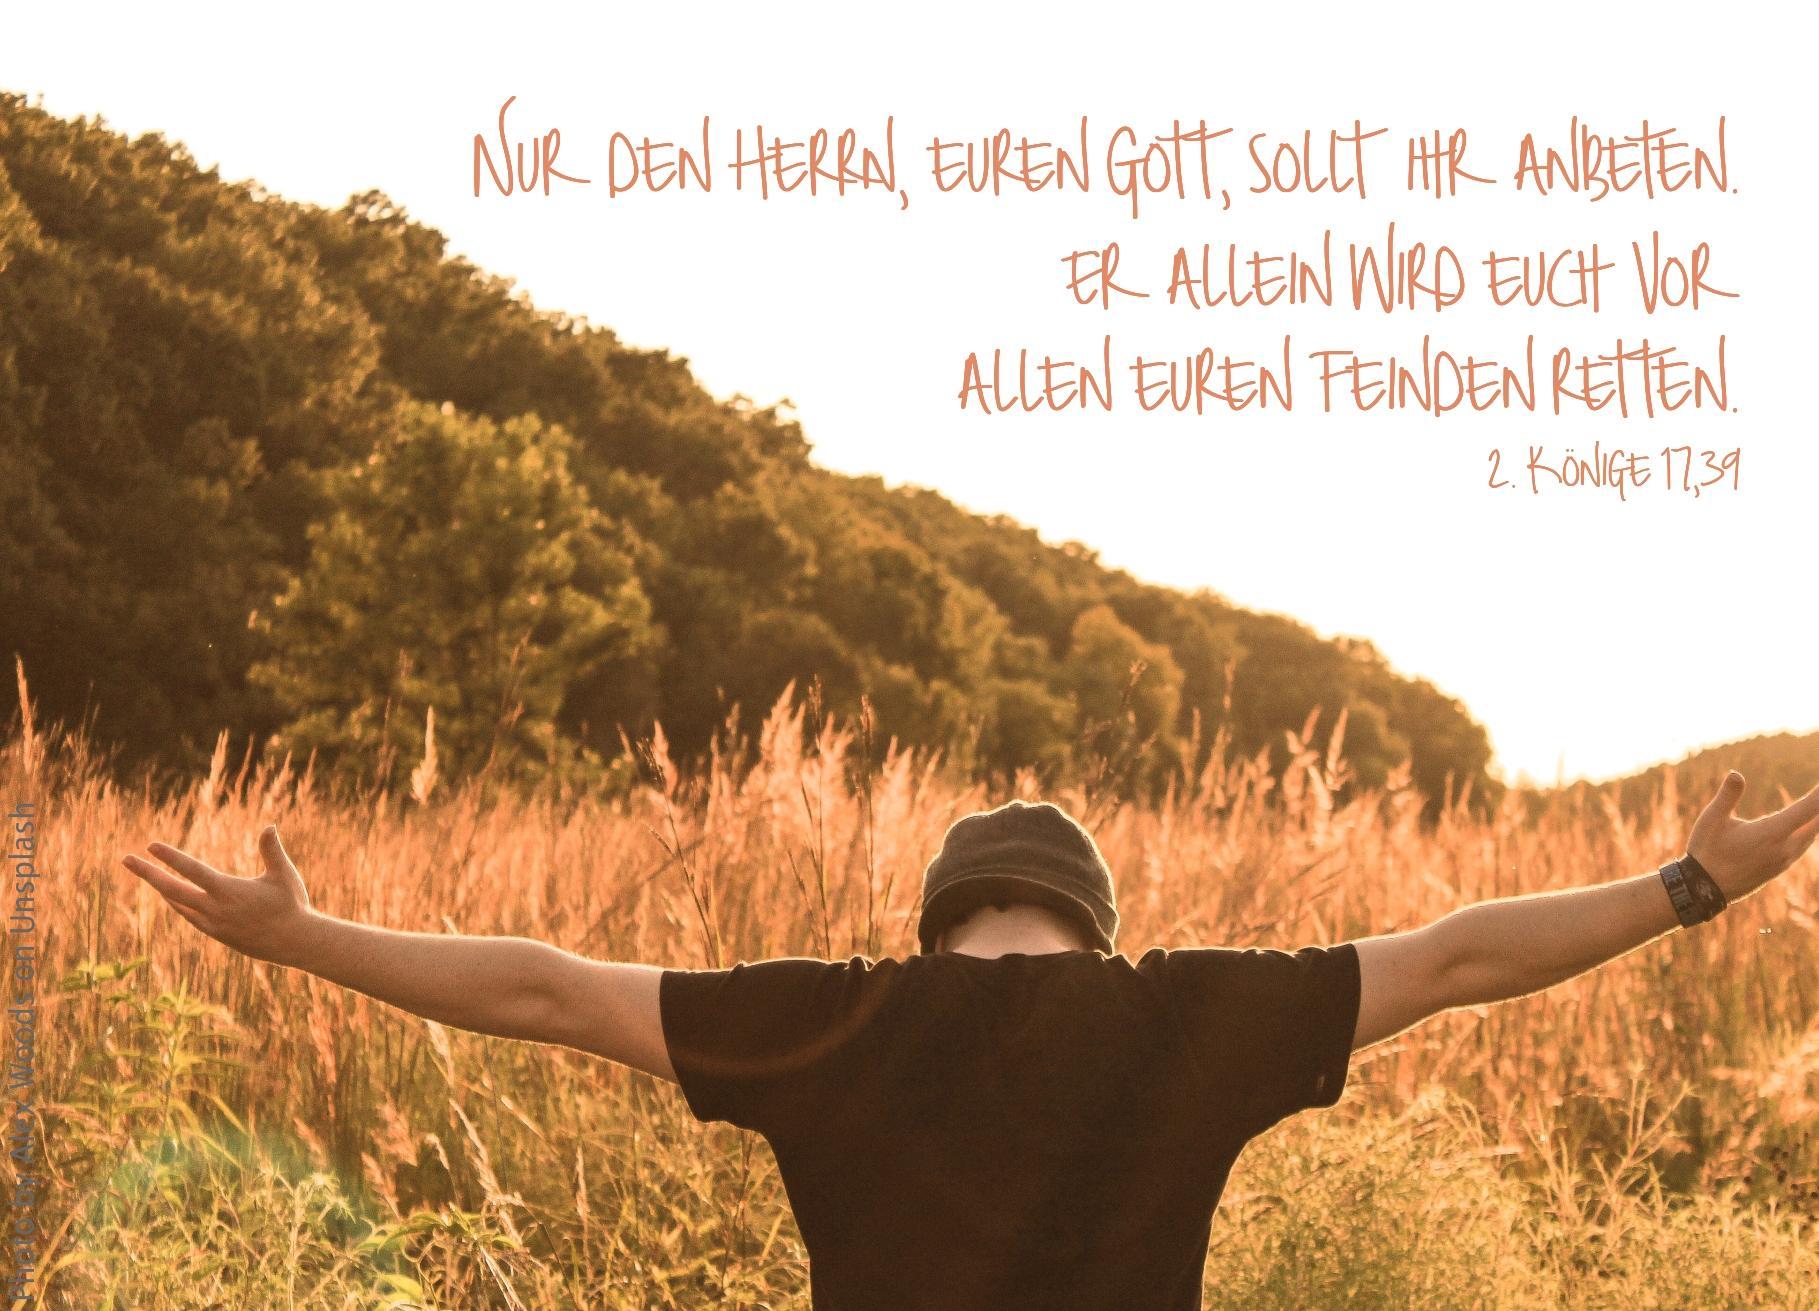 """alt=""""person_mit_gesenktem_kopf_und_erhobenen_armen_erwartet_bibelhoerbuch_israel_faellt_an_assyrien"""""""